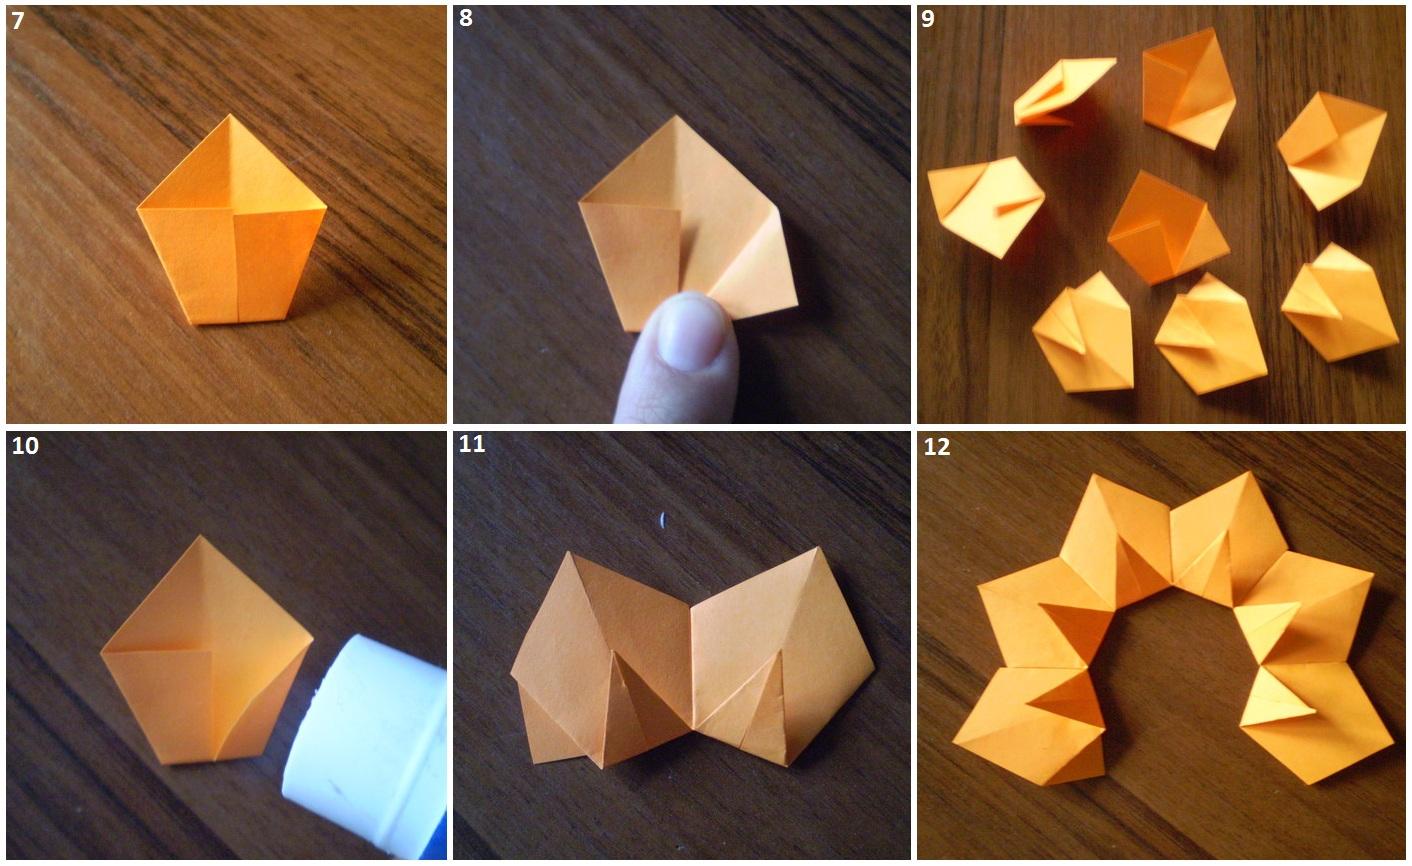 Подсолнух из бумаги своими руками оригами 4